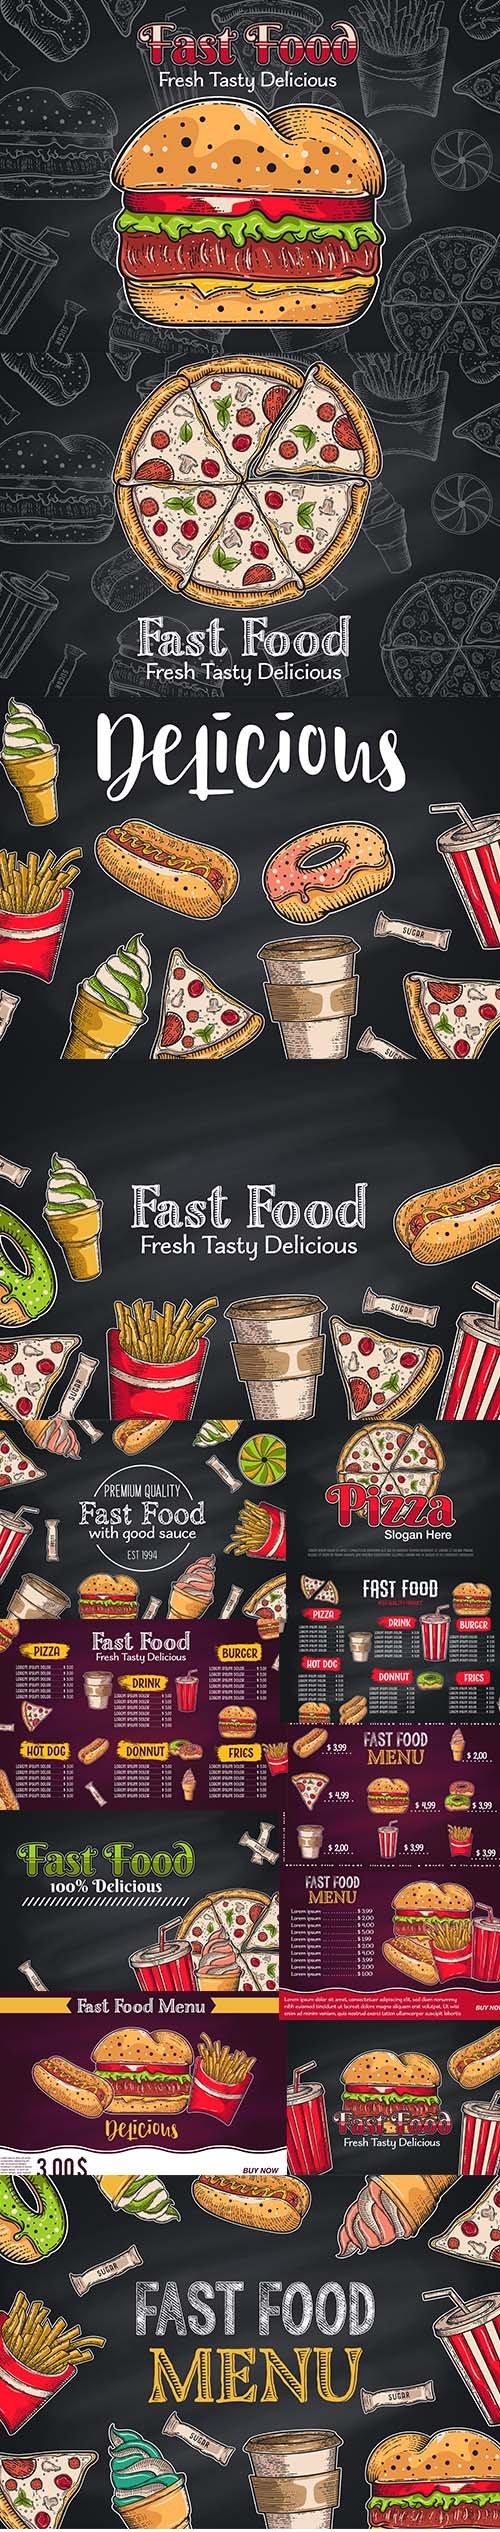 Vintage Fast Food Hand Drawn Illustrations